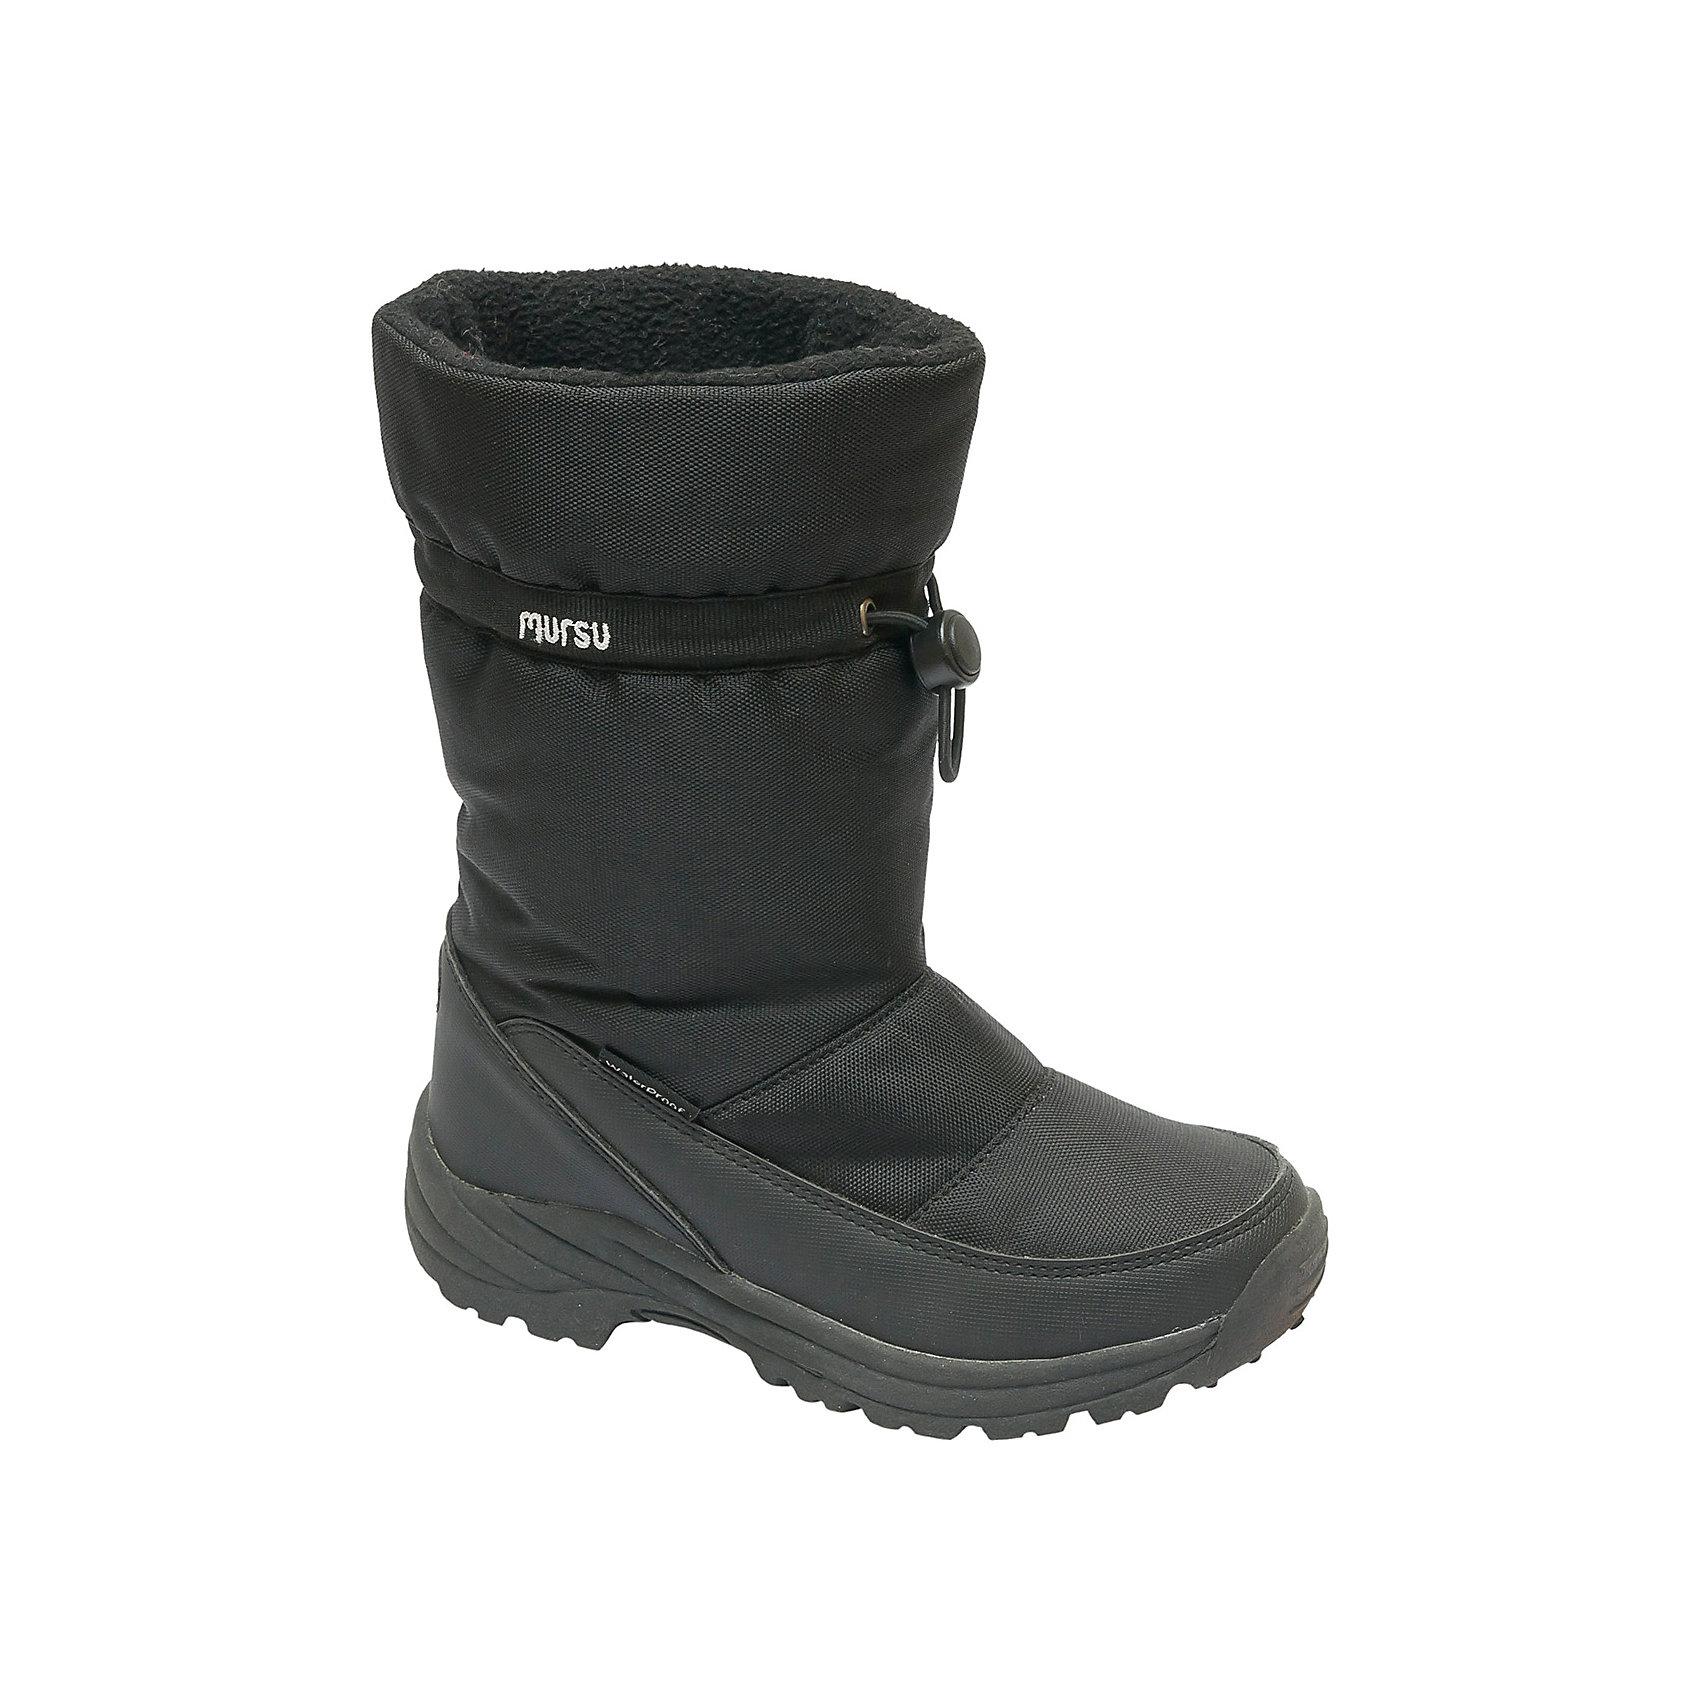 Сапоги для мальчика MURSUСапоги от известного бренда MURSU - удобный и практичный вариант для холодной погоды. Модель имеет толстую подошву, отлично защищающую ноги от холода, выполнена из высококачественных материалов, очень хорошо смотрится на ноге.  Ботинки с усиленным задником затягиваются на кулиску с пластиковым стопором. Верх модели отгибается.<br><br>Дополнительная информация:<br><br>- Сезон: зима/осень.<br>- Тепловой режим: от -5? до -25? <br>- Рифленая подошва.<br>- Тип застежки: кулиска.<br><br>Состав:<br>- Материал верха: текстиль.<br>- Материал подкладки: искусственный мех.<br>- Материал подошвы: TEP.<br>- Материал стельки: искусственный мех.<br><br>Сапоги для мальчика MURSU (Мурсу) можно купить в нашем магазине.<br><br>Ширина мм: 257<br>Глубина мм: 180<br>Высота мм: 130<br>Вес г: 420<br>Цвет: черный<br>Возраст от месяцев: 24<br>Возраст до месяцев: 24<br>Пол: Мужской<br>Возраст: Детский<br>Размер: 25,26,27,29,28<br>SKU: 4202331